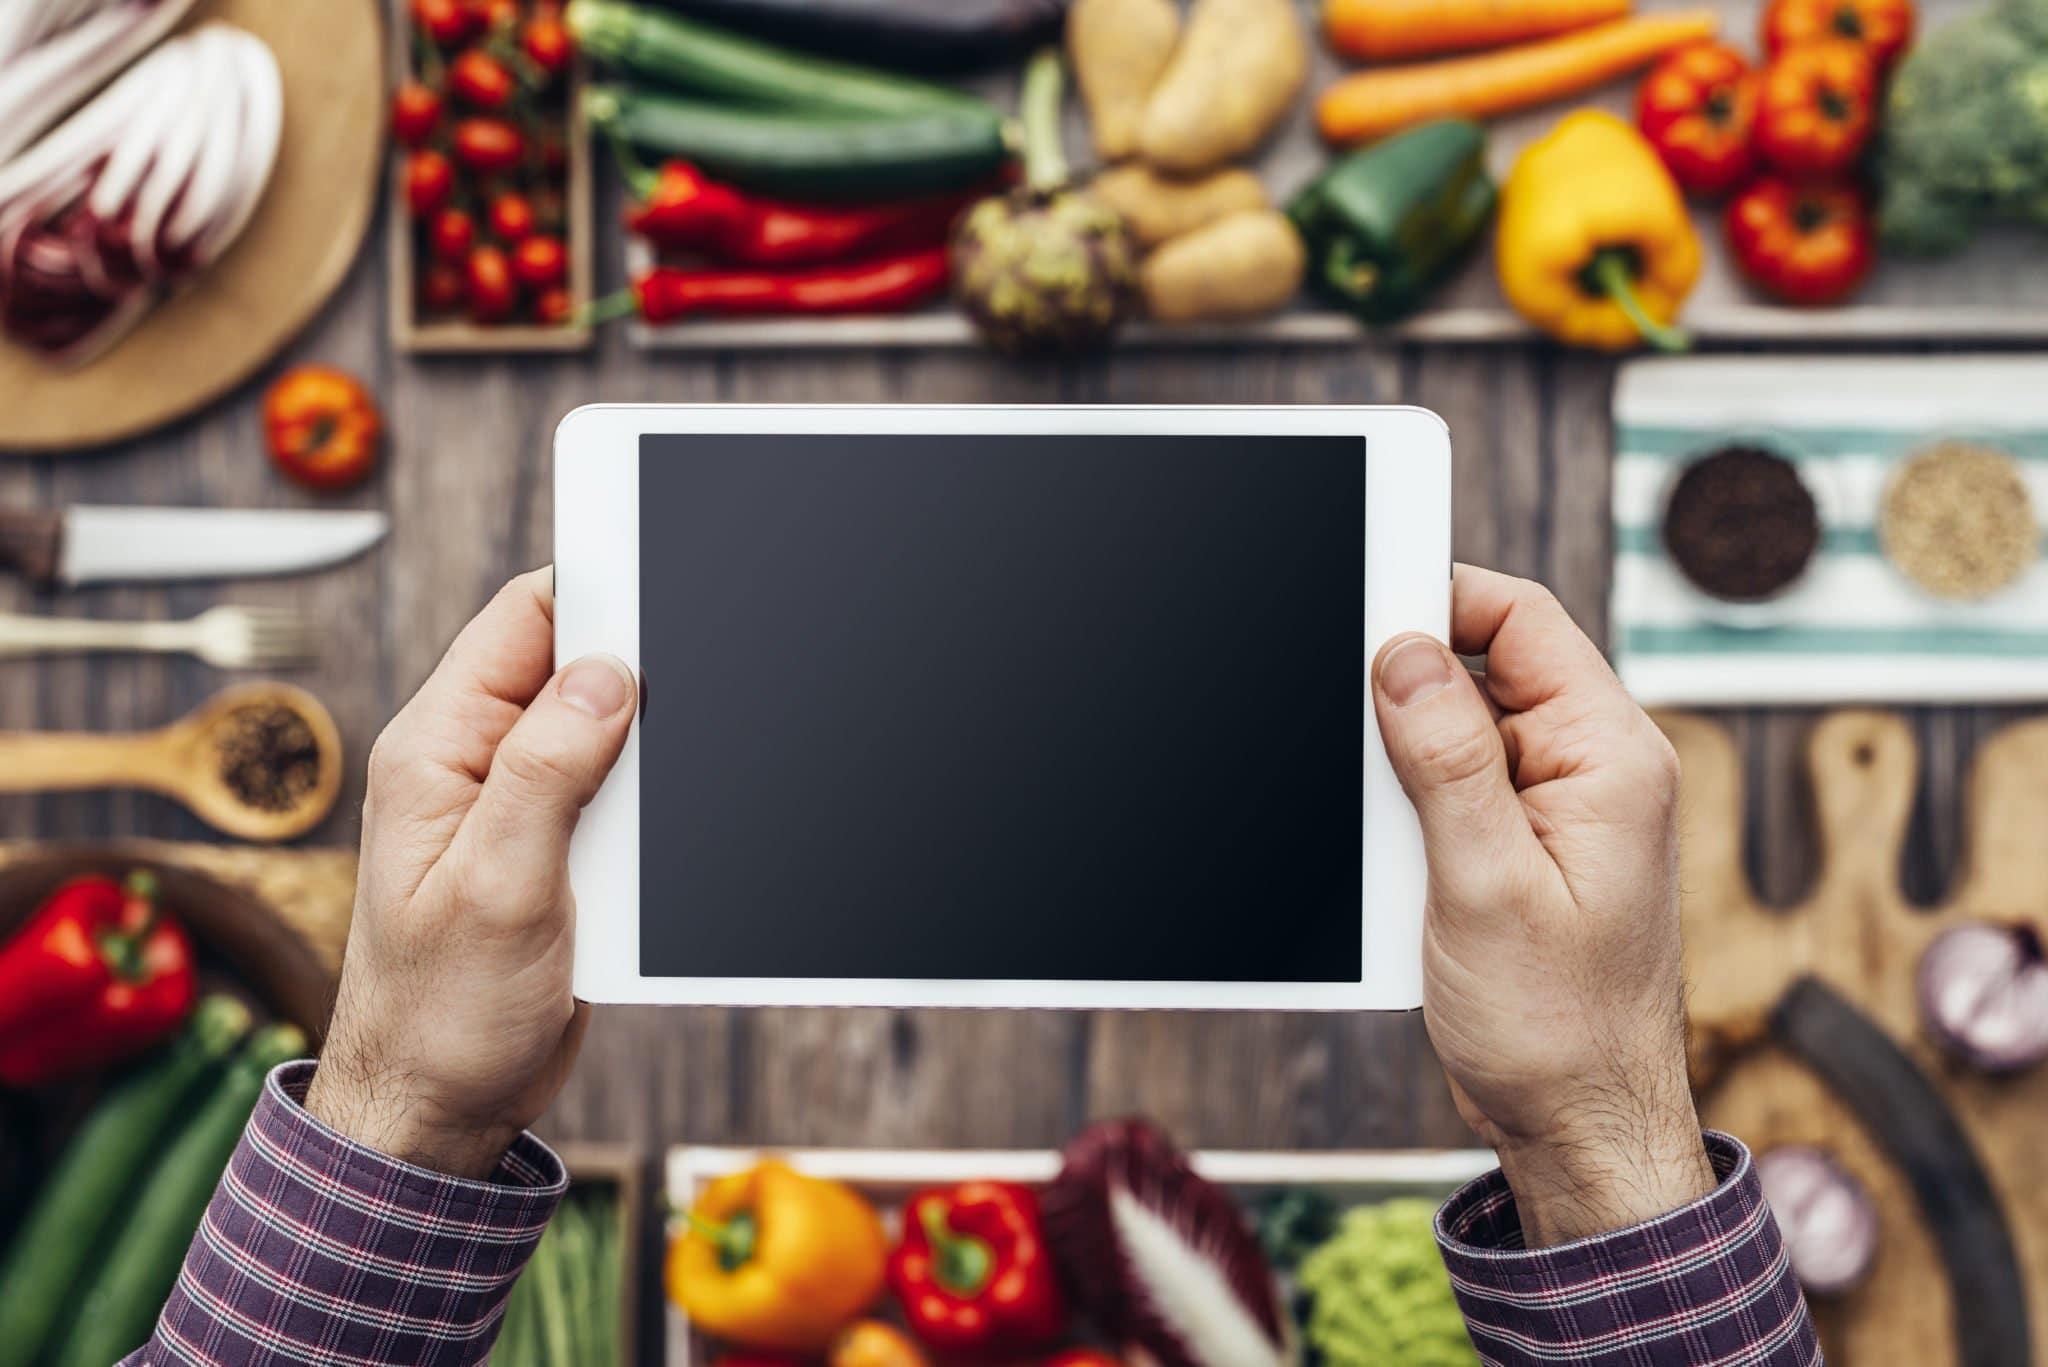 Calorieën tellen is onzin volgens arts en schrijver William Cortvriendt